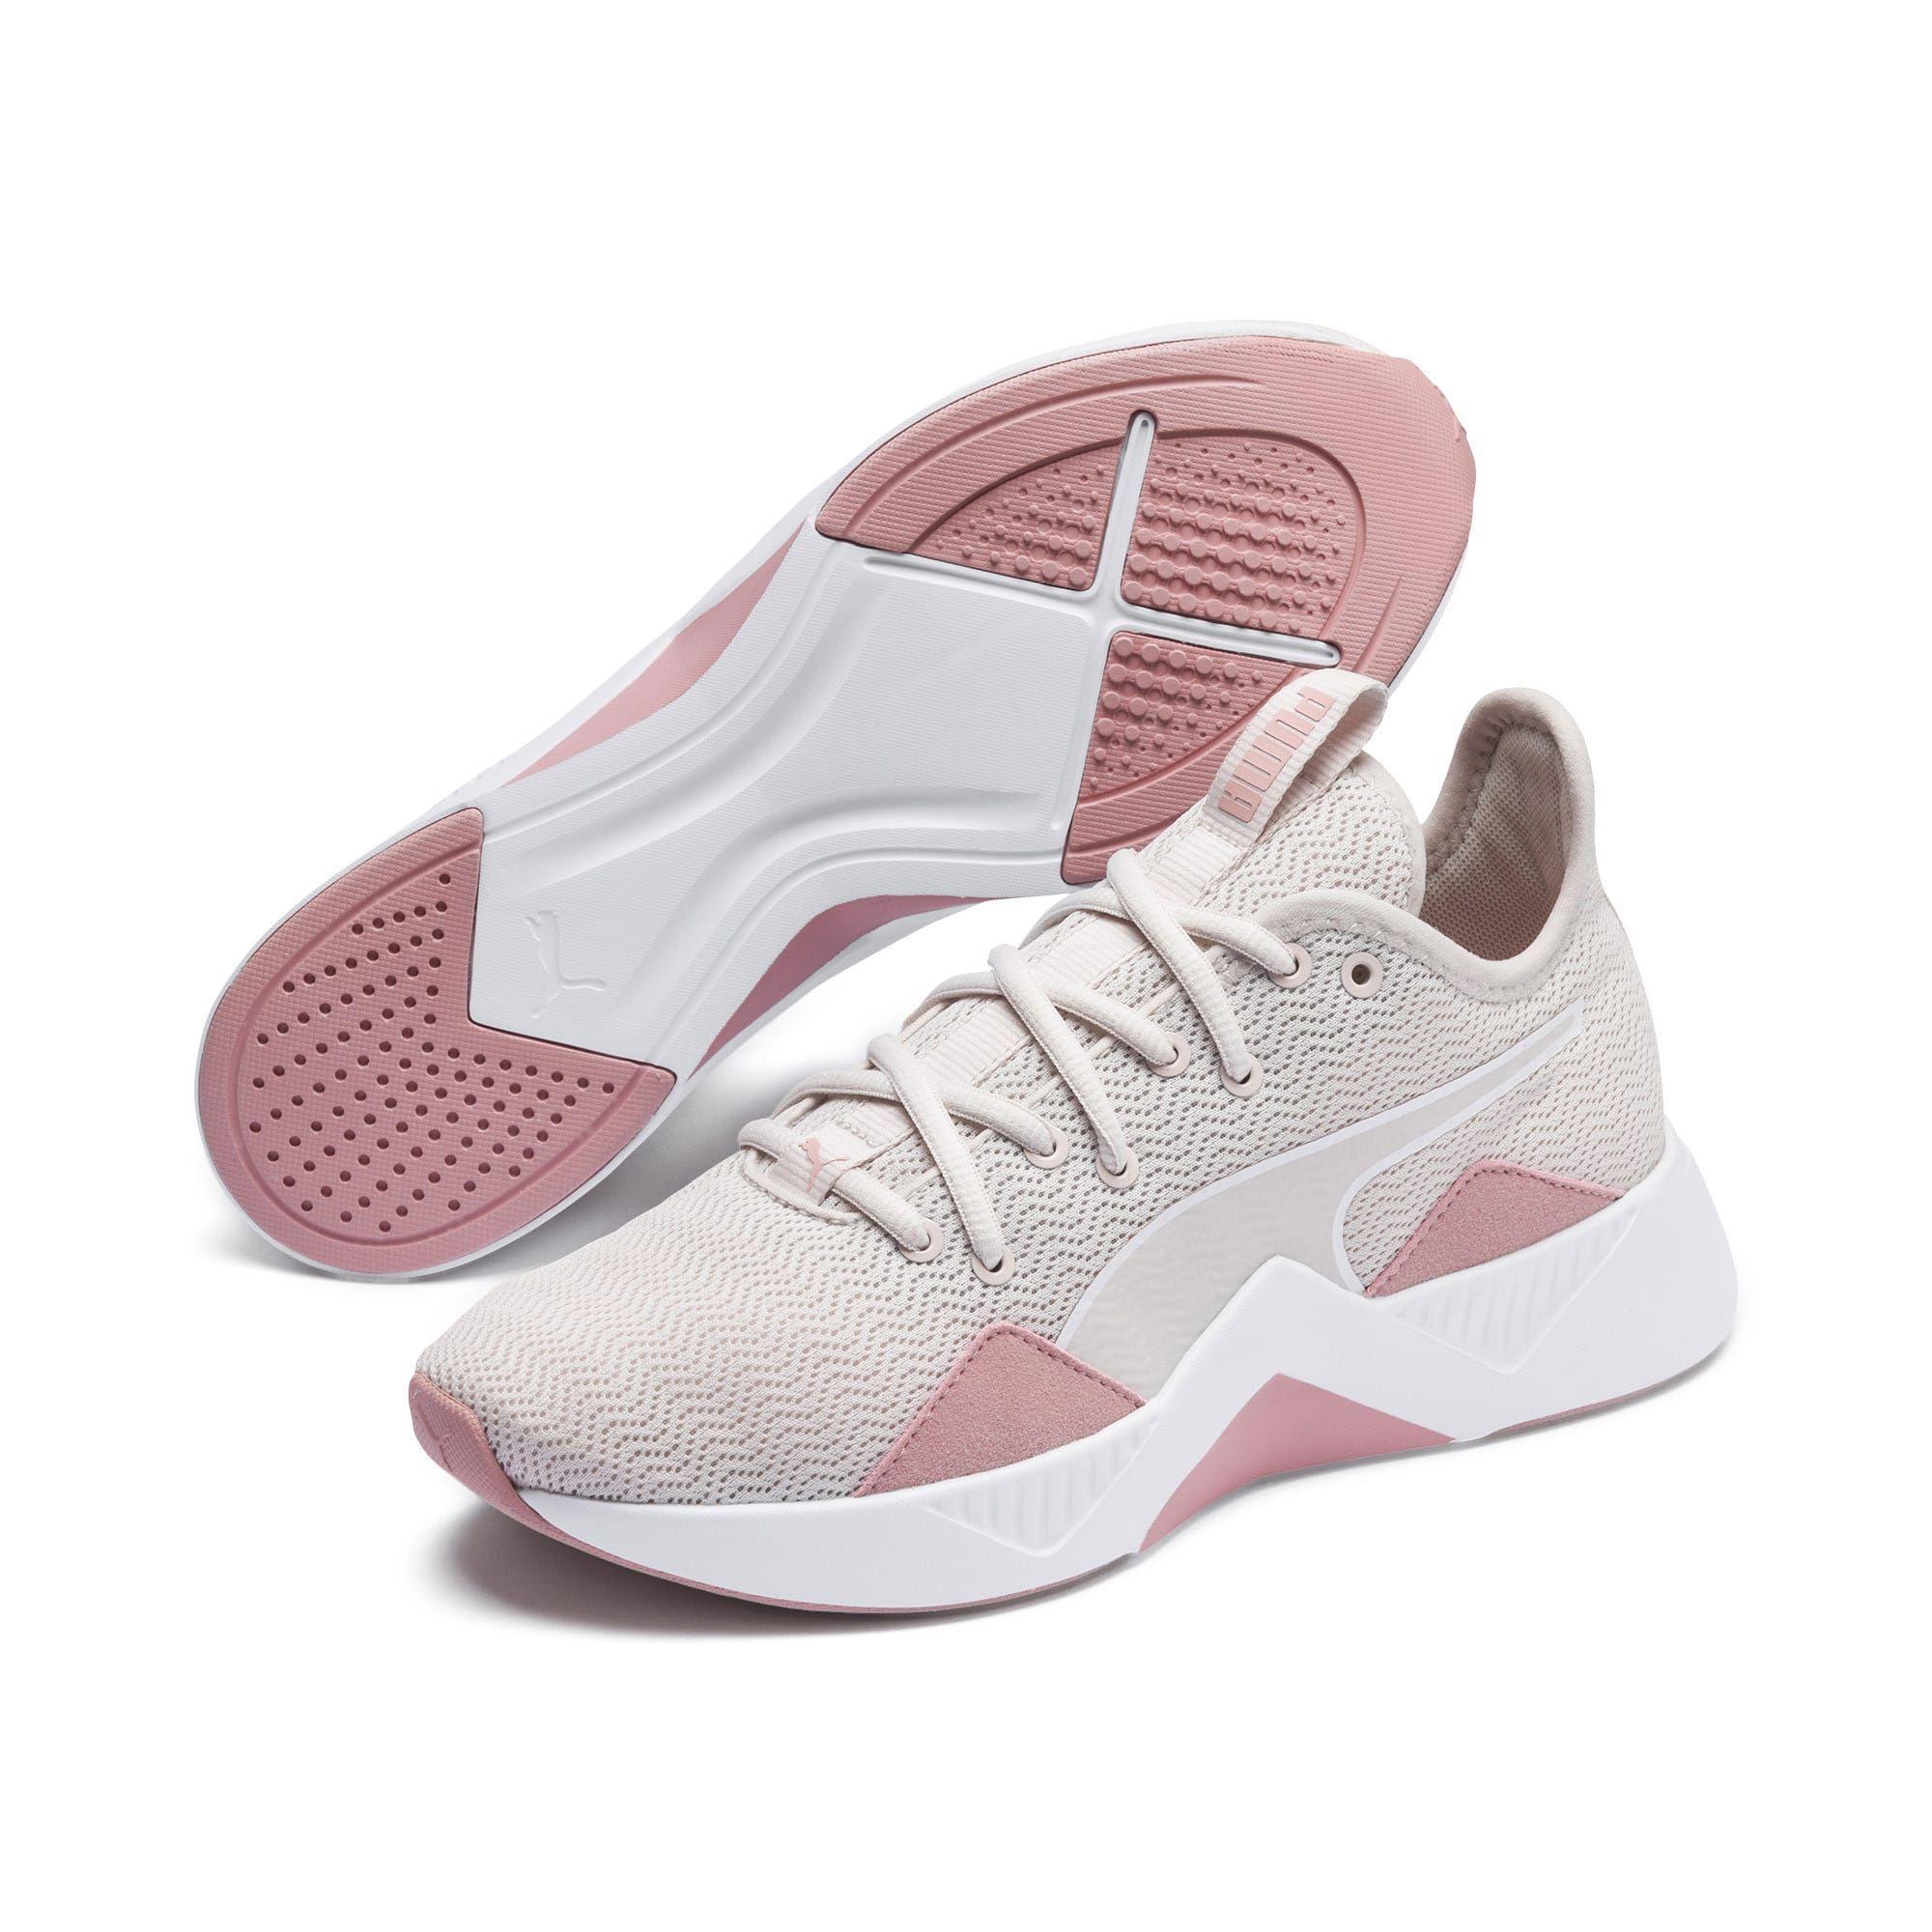 Womens training shoes, Womens training